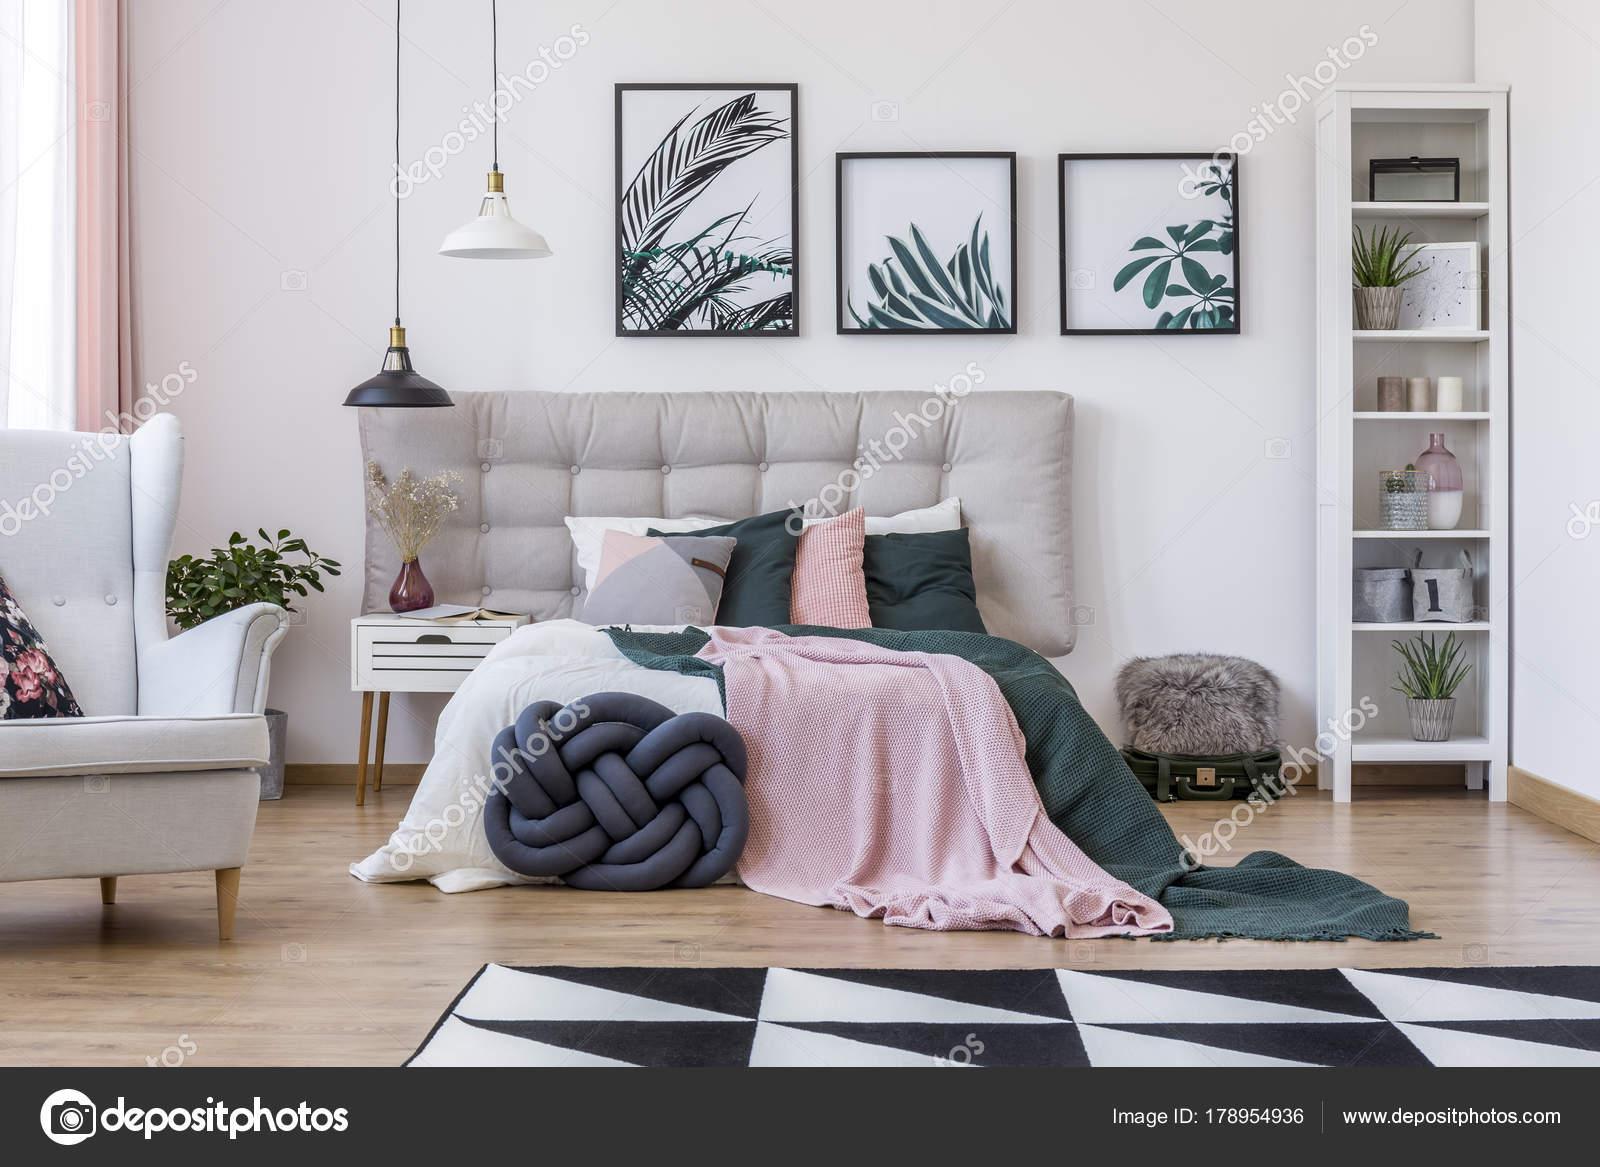 Poltrona in camera da letto accogliente — Foto Stock © photographee ...